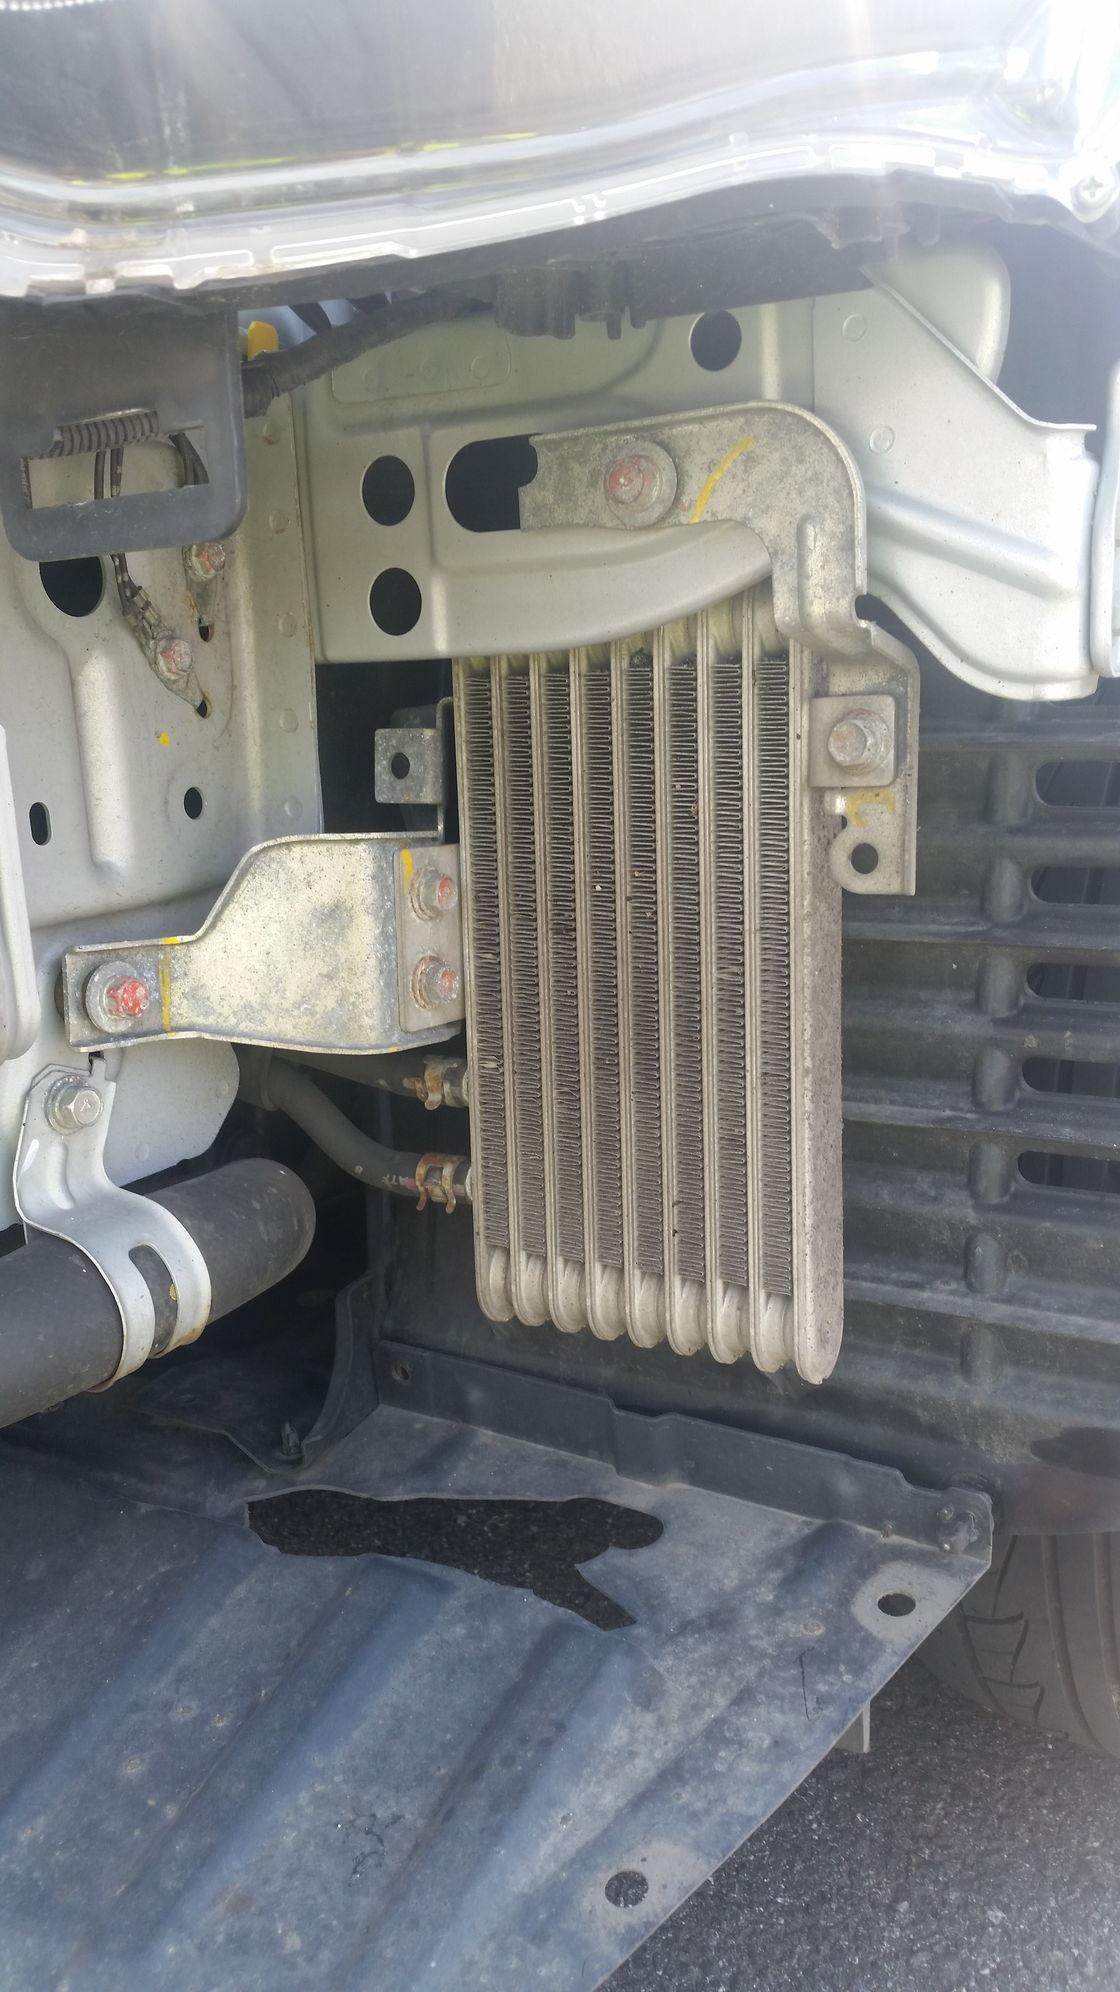 Rrm Oversized Transmissioner Cooler 2011 Gts Cvt 2 4l